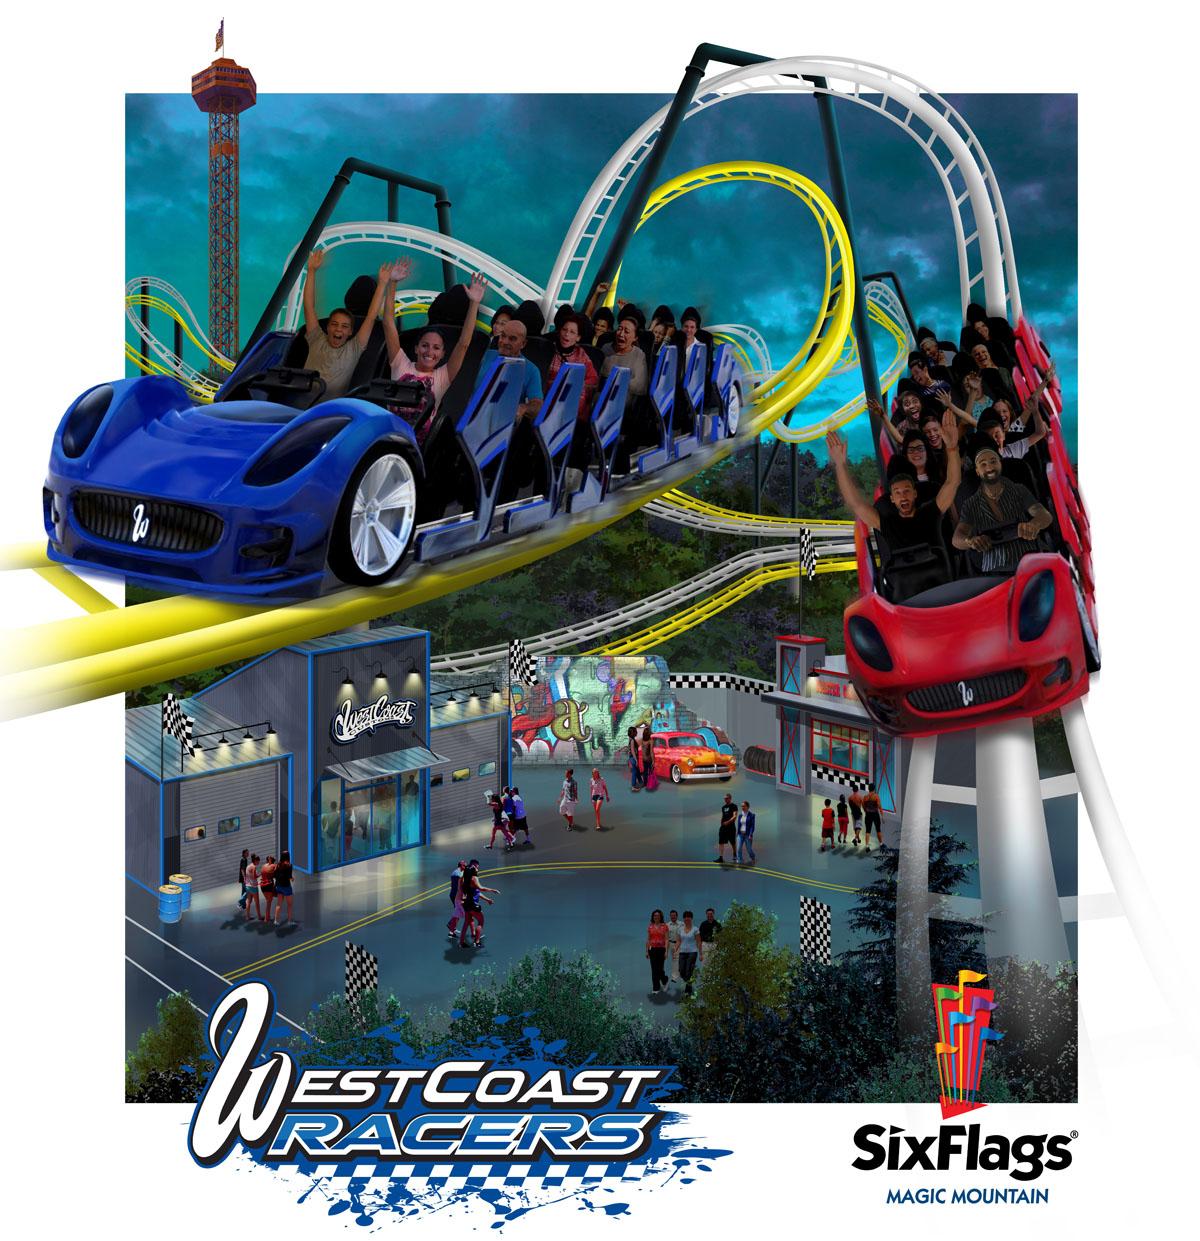 WestCoast Racers, Six Flags Magic Mountain Valencia CA